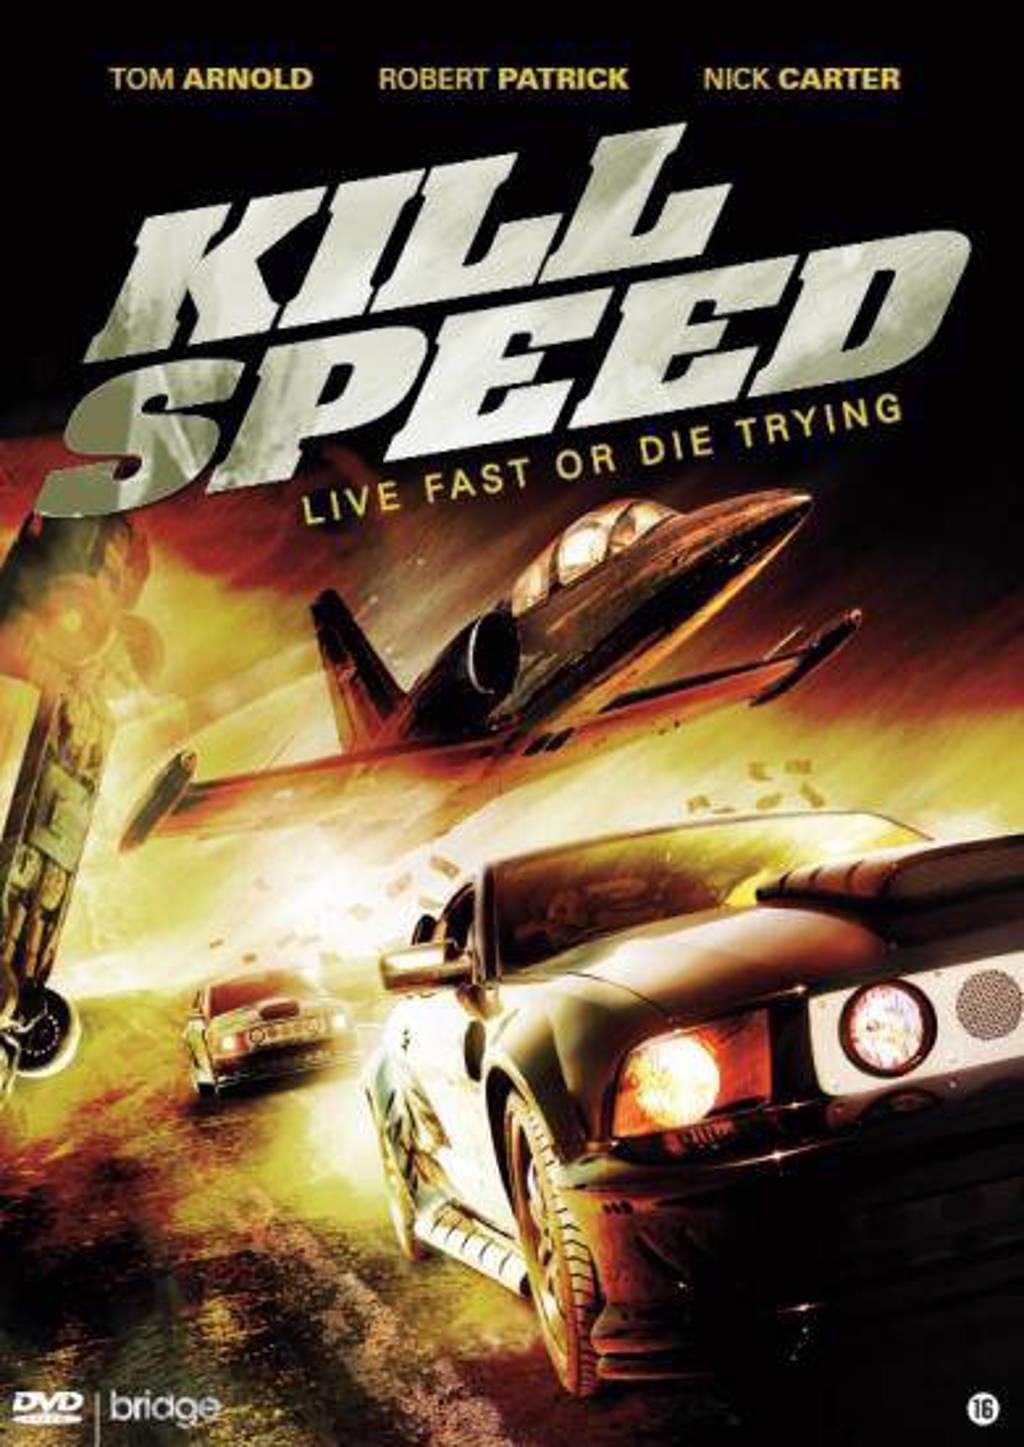 Kill speed (DVD)